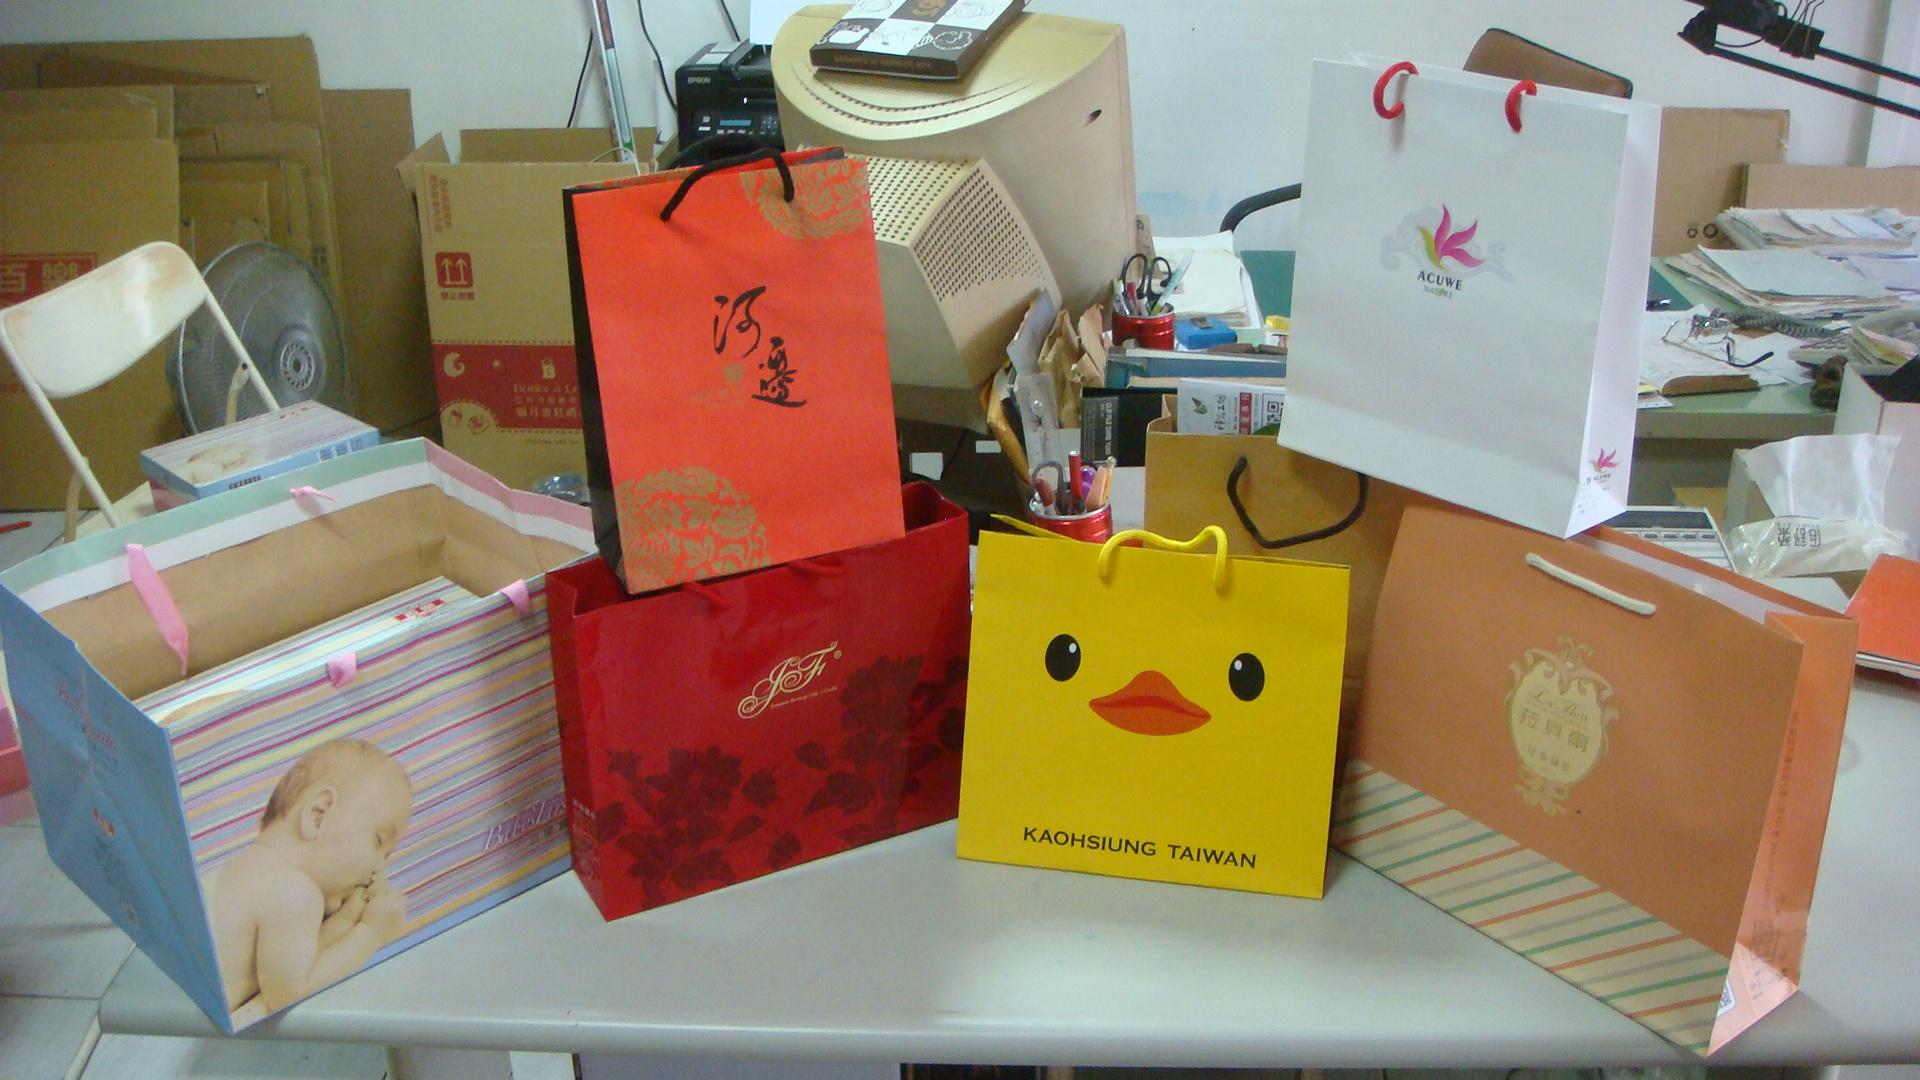 彩盒瓦楞纸箱水果礼盒手提袋包装纸盒目录印刷设计